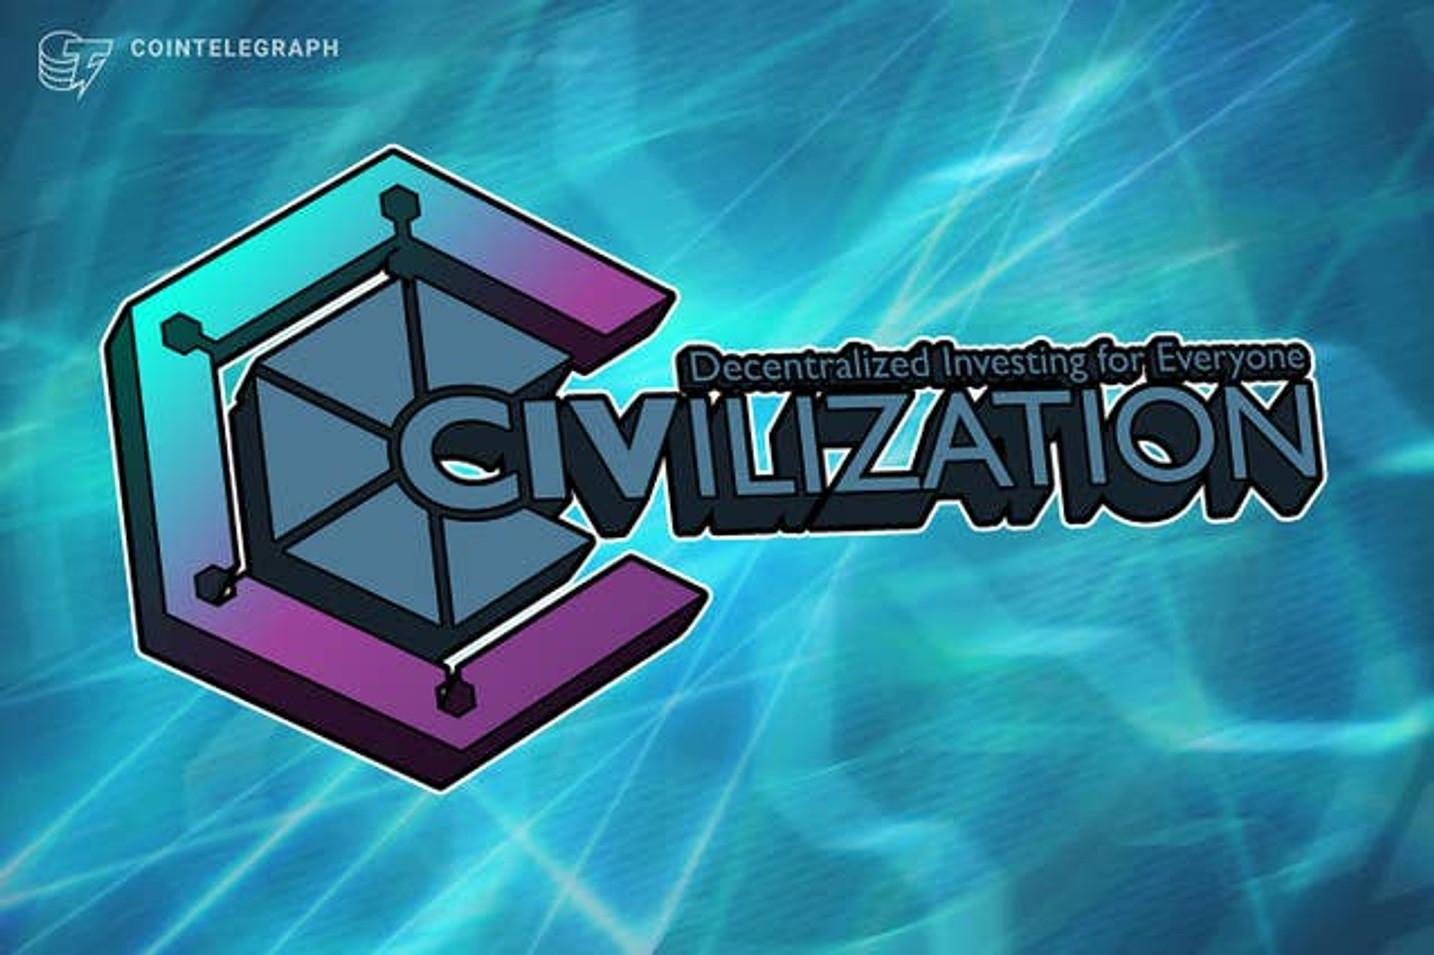 Civilization (CIV) è ora disponibile sull'exchange BitMart